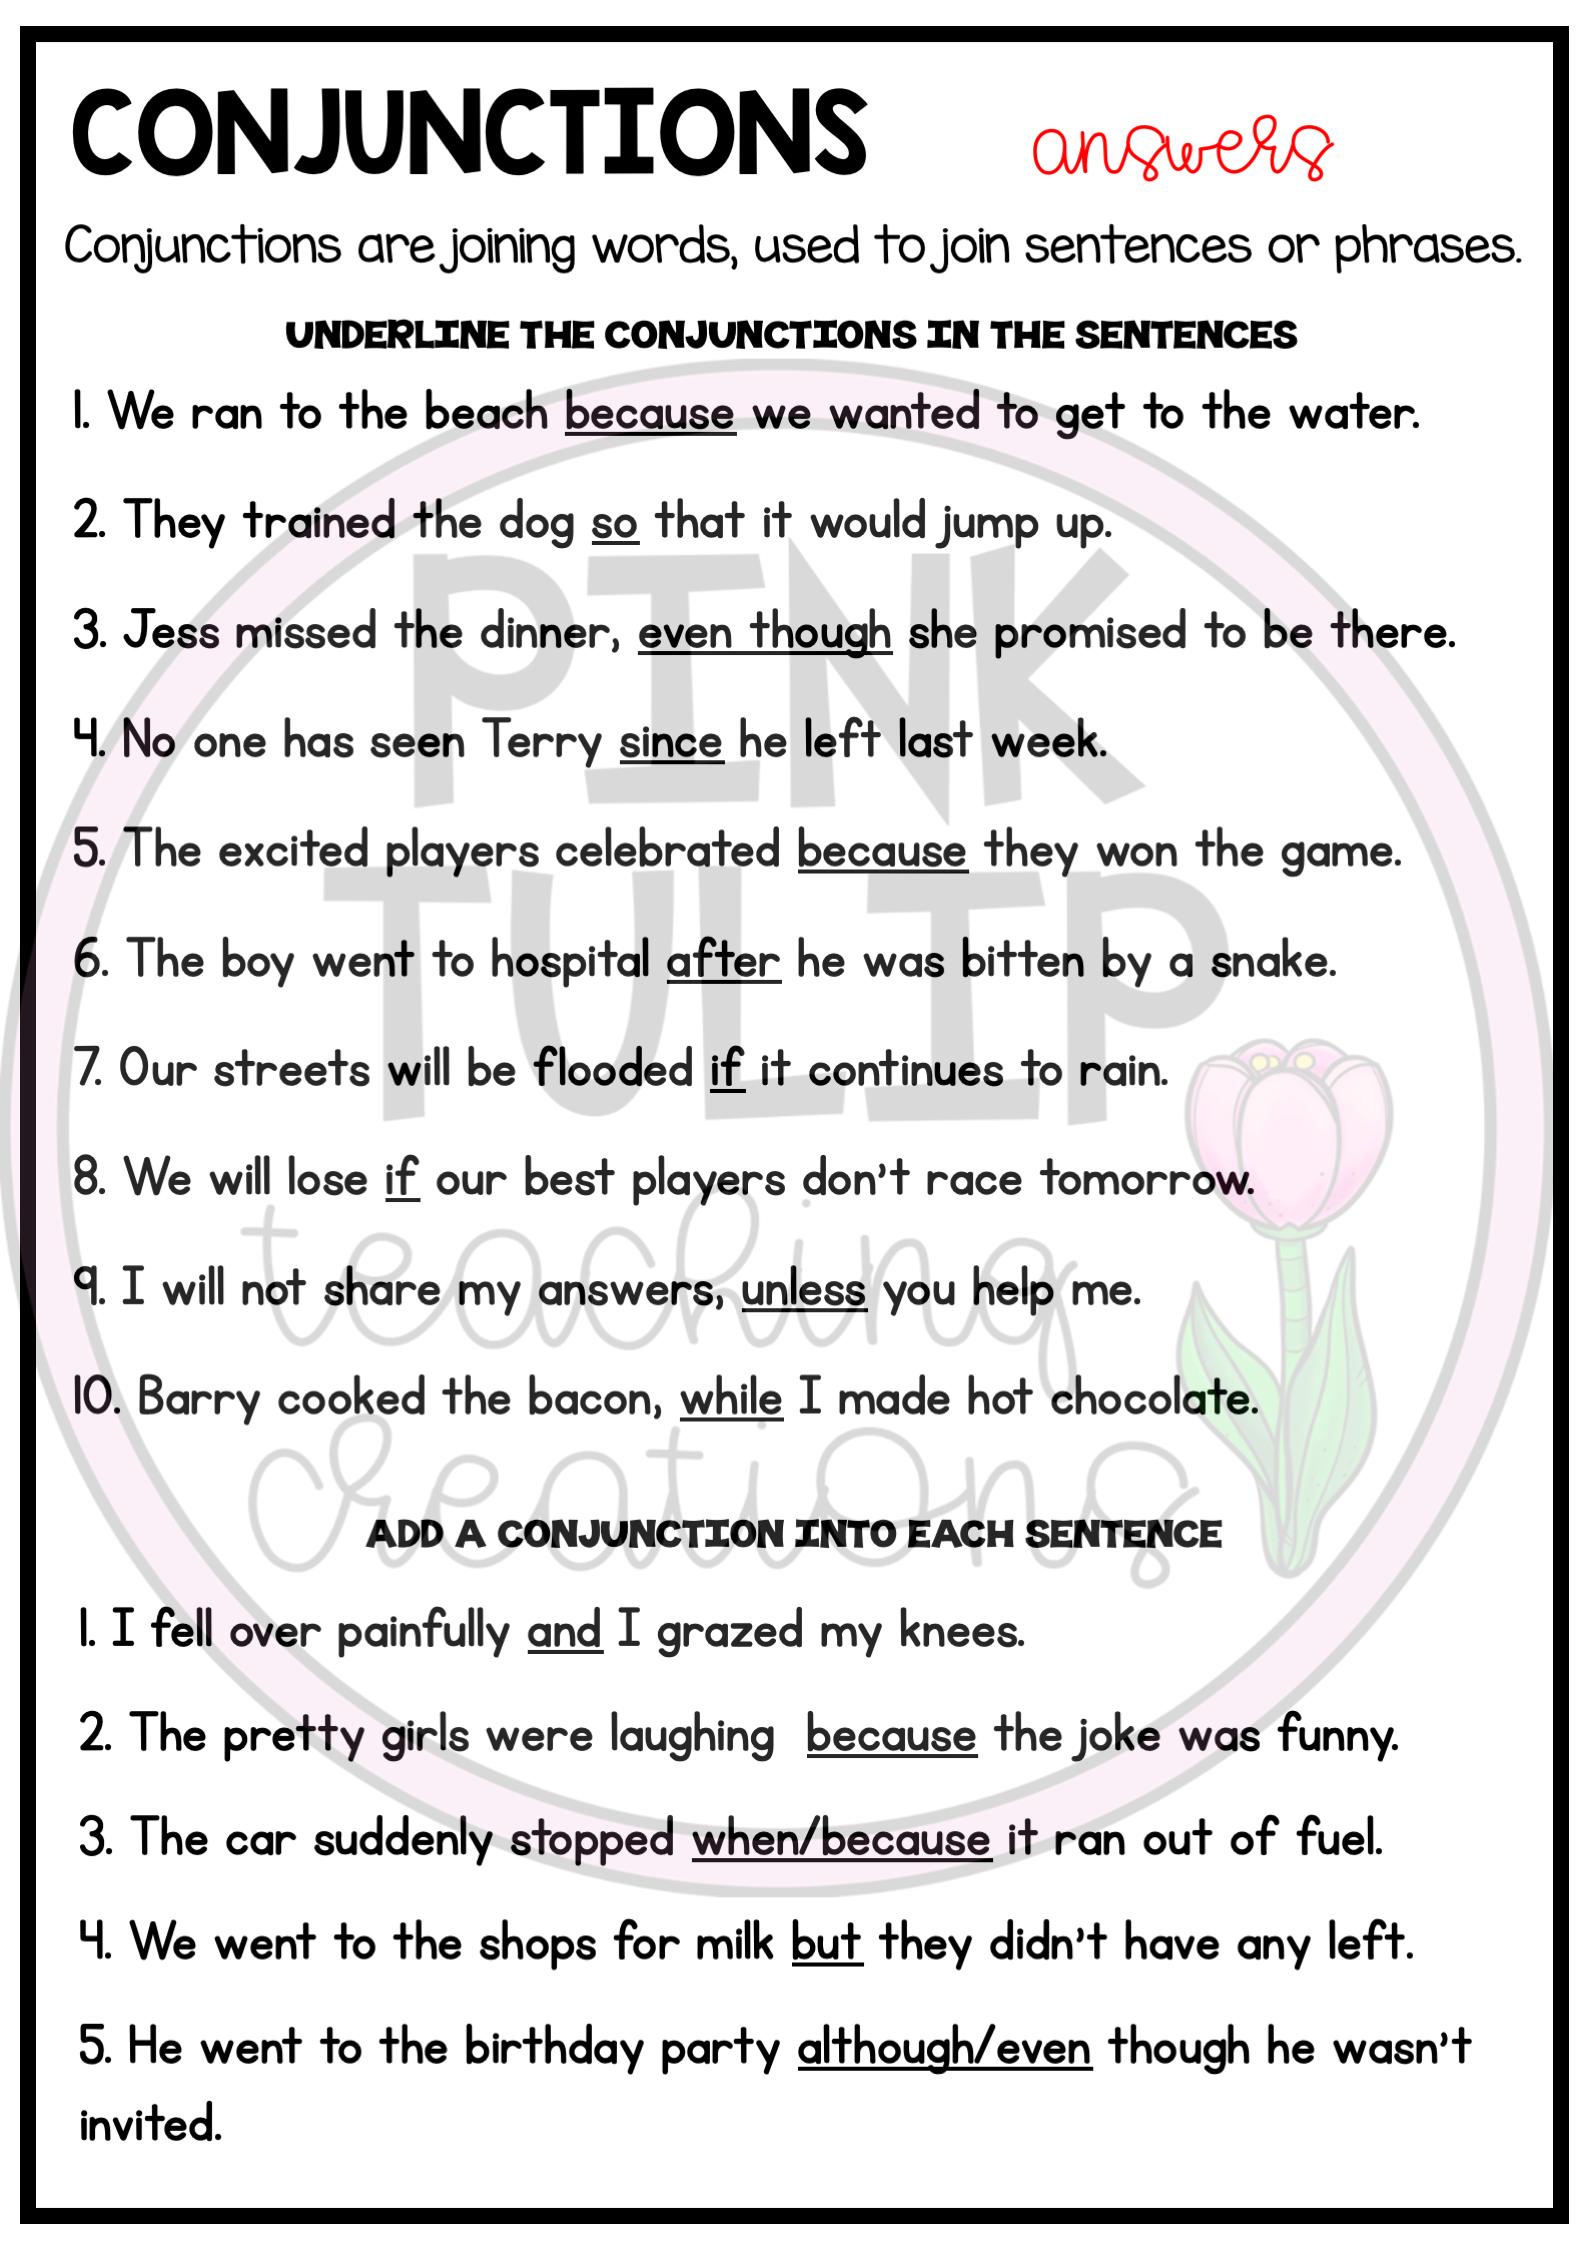 Understanding Conjunctions Worksheets